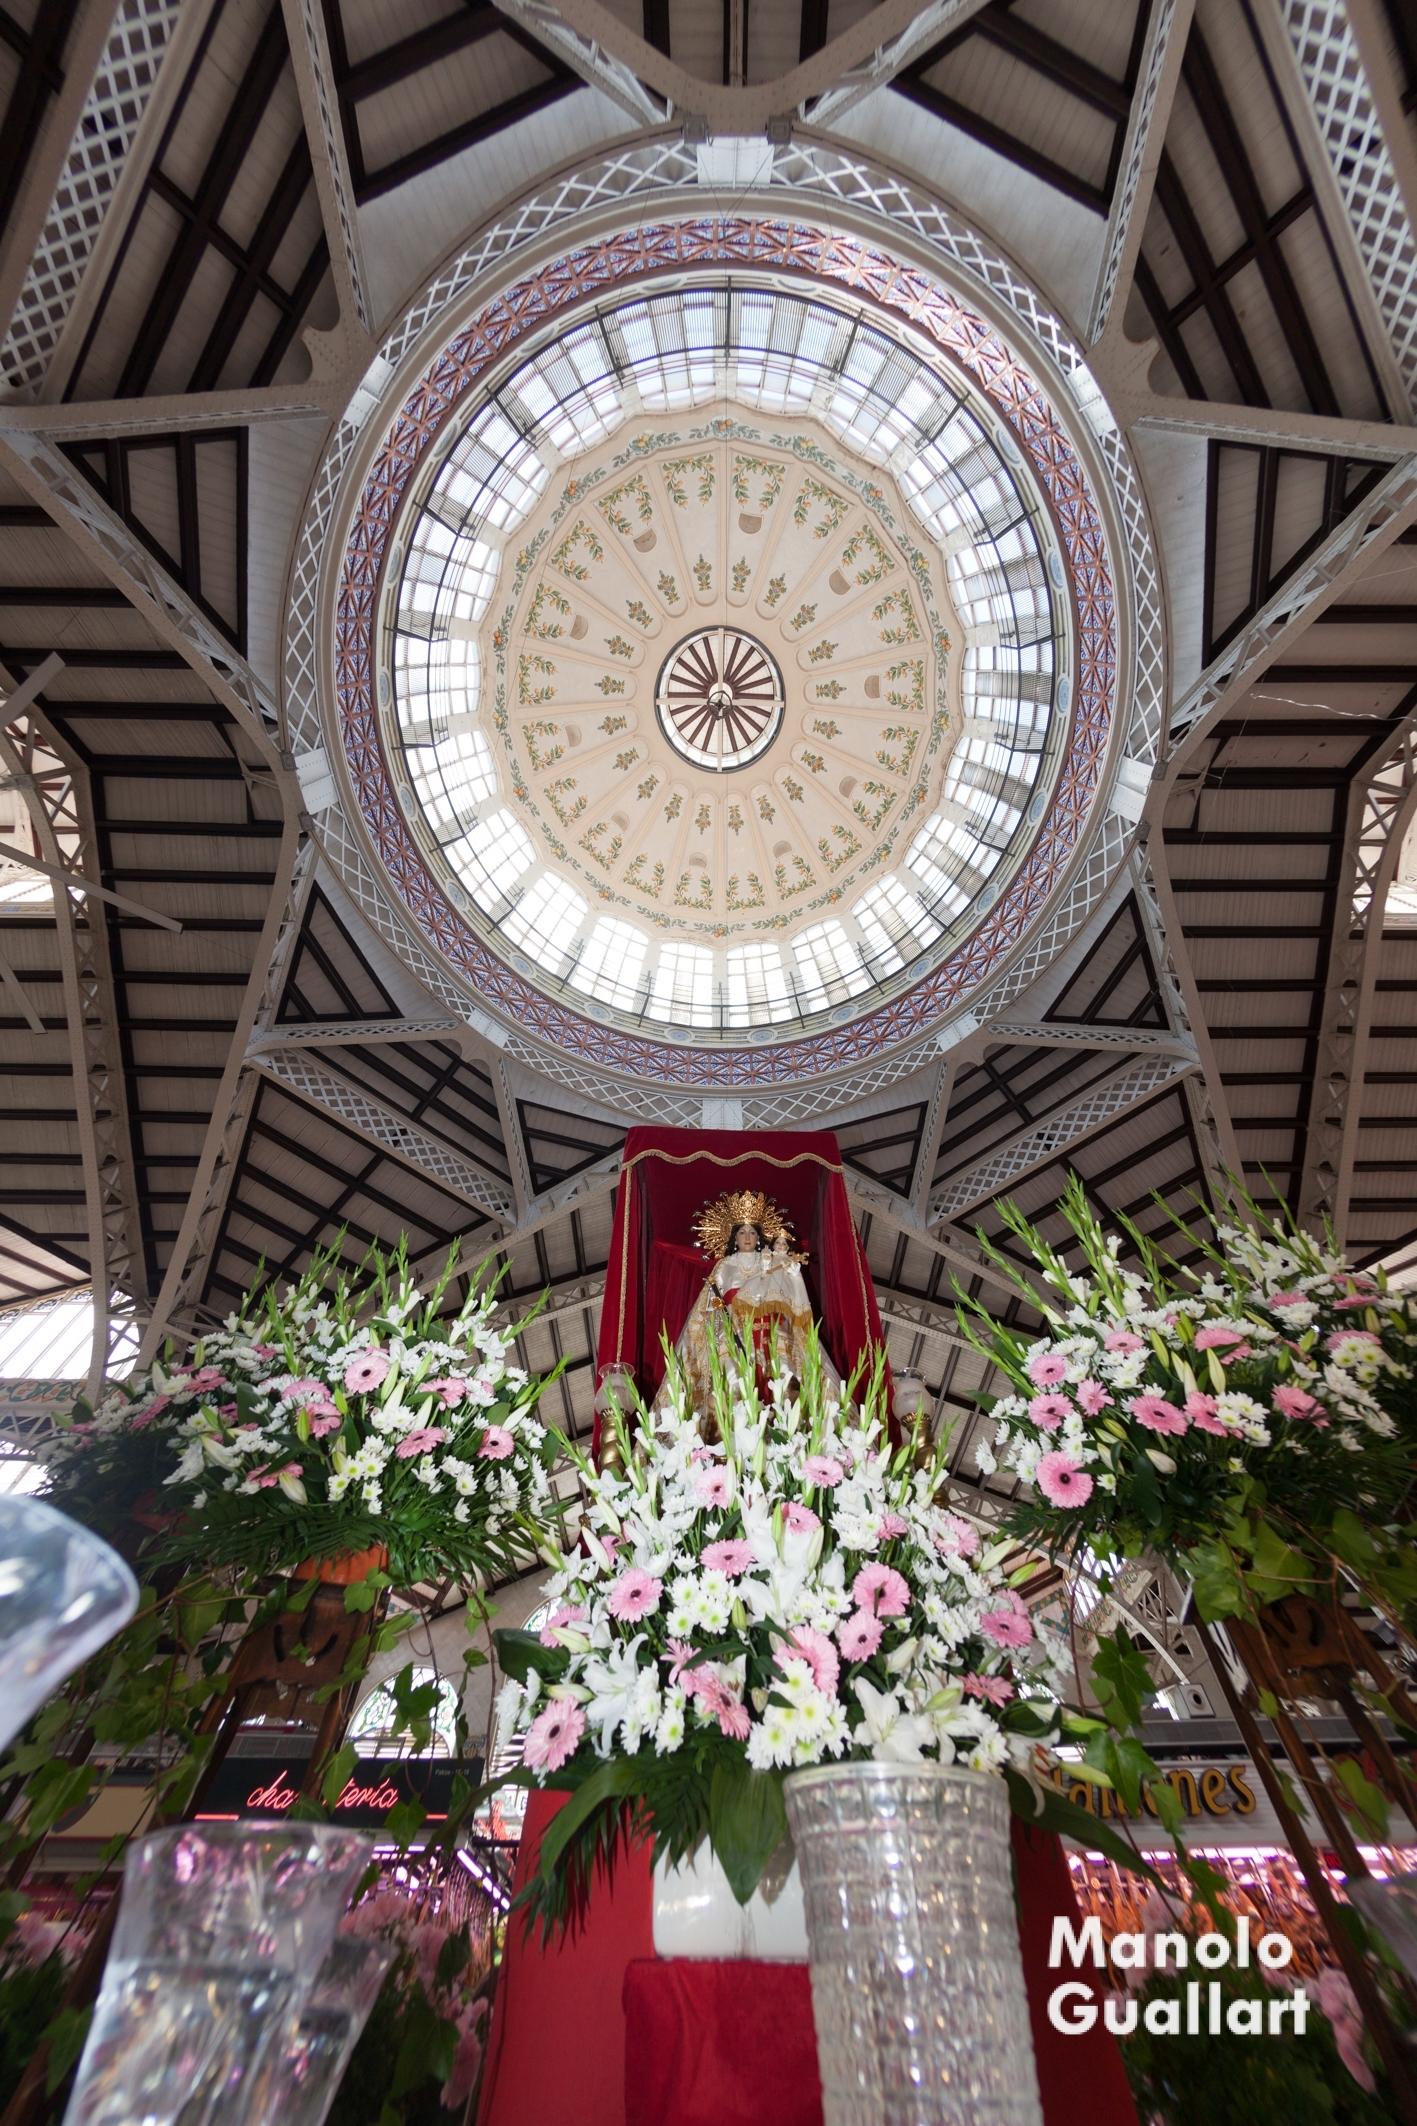 La Virgen de los Desamparados bajo la bóveda del Mercado Central de Valencia. Foto de Manolo Guallart.